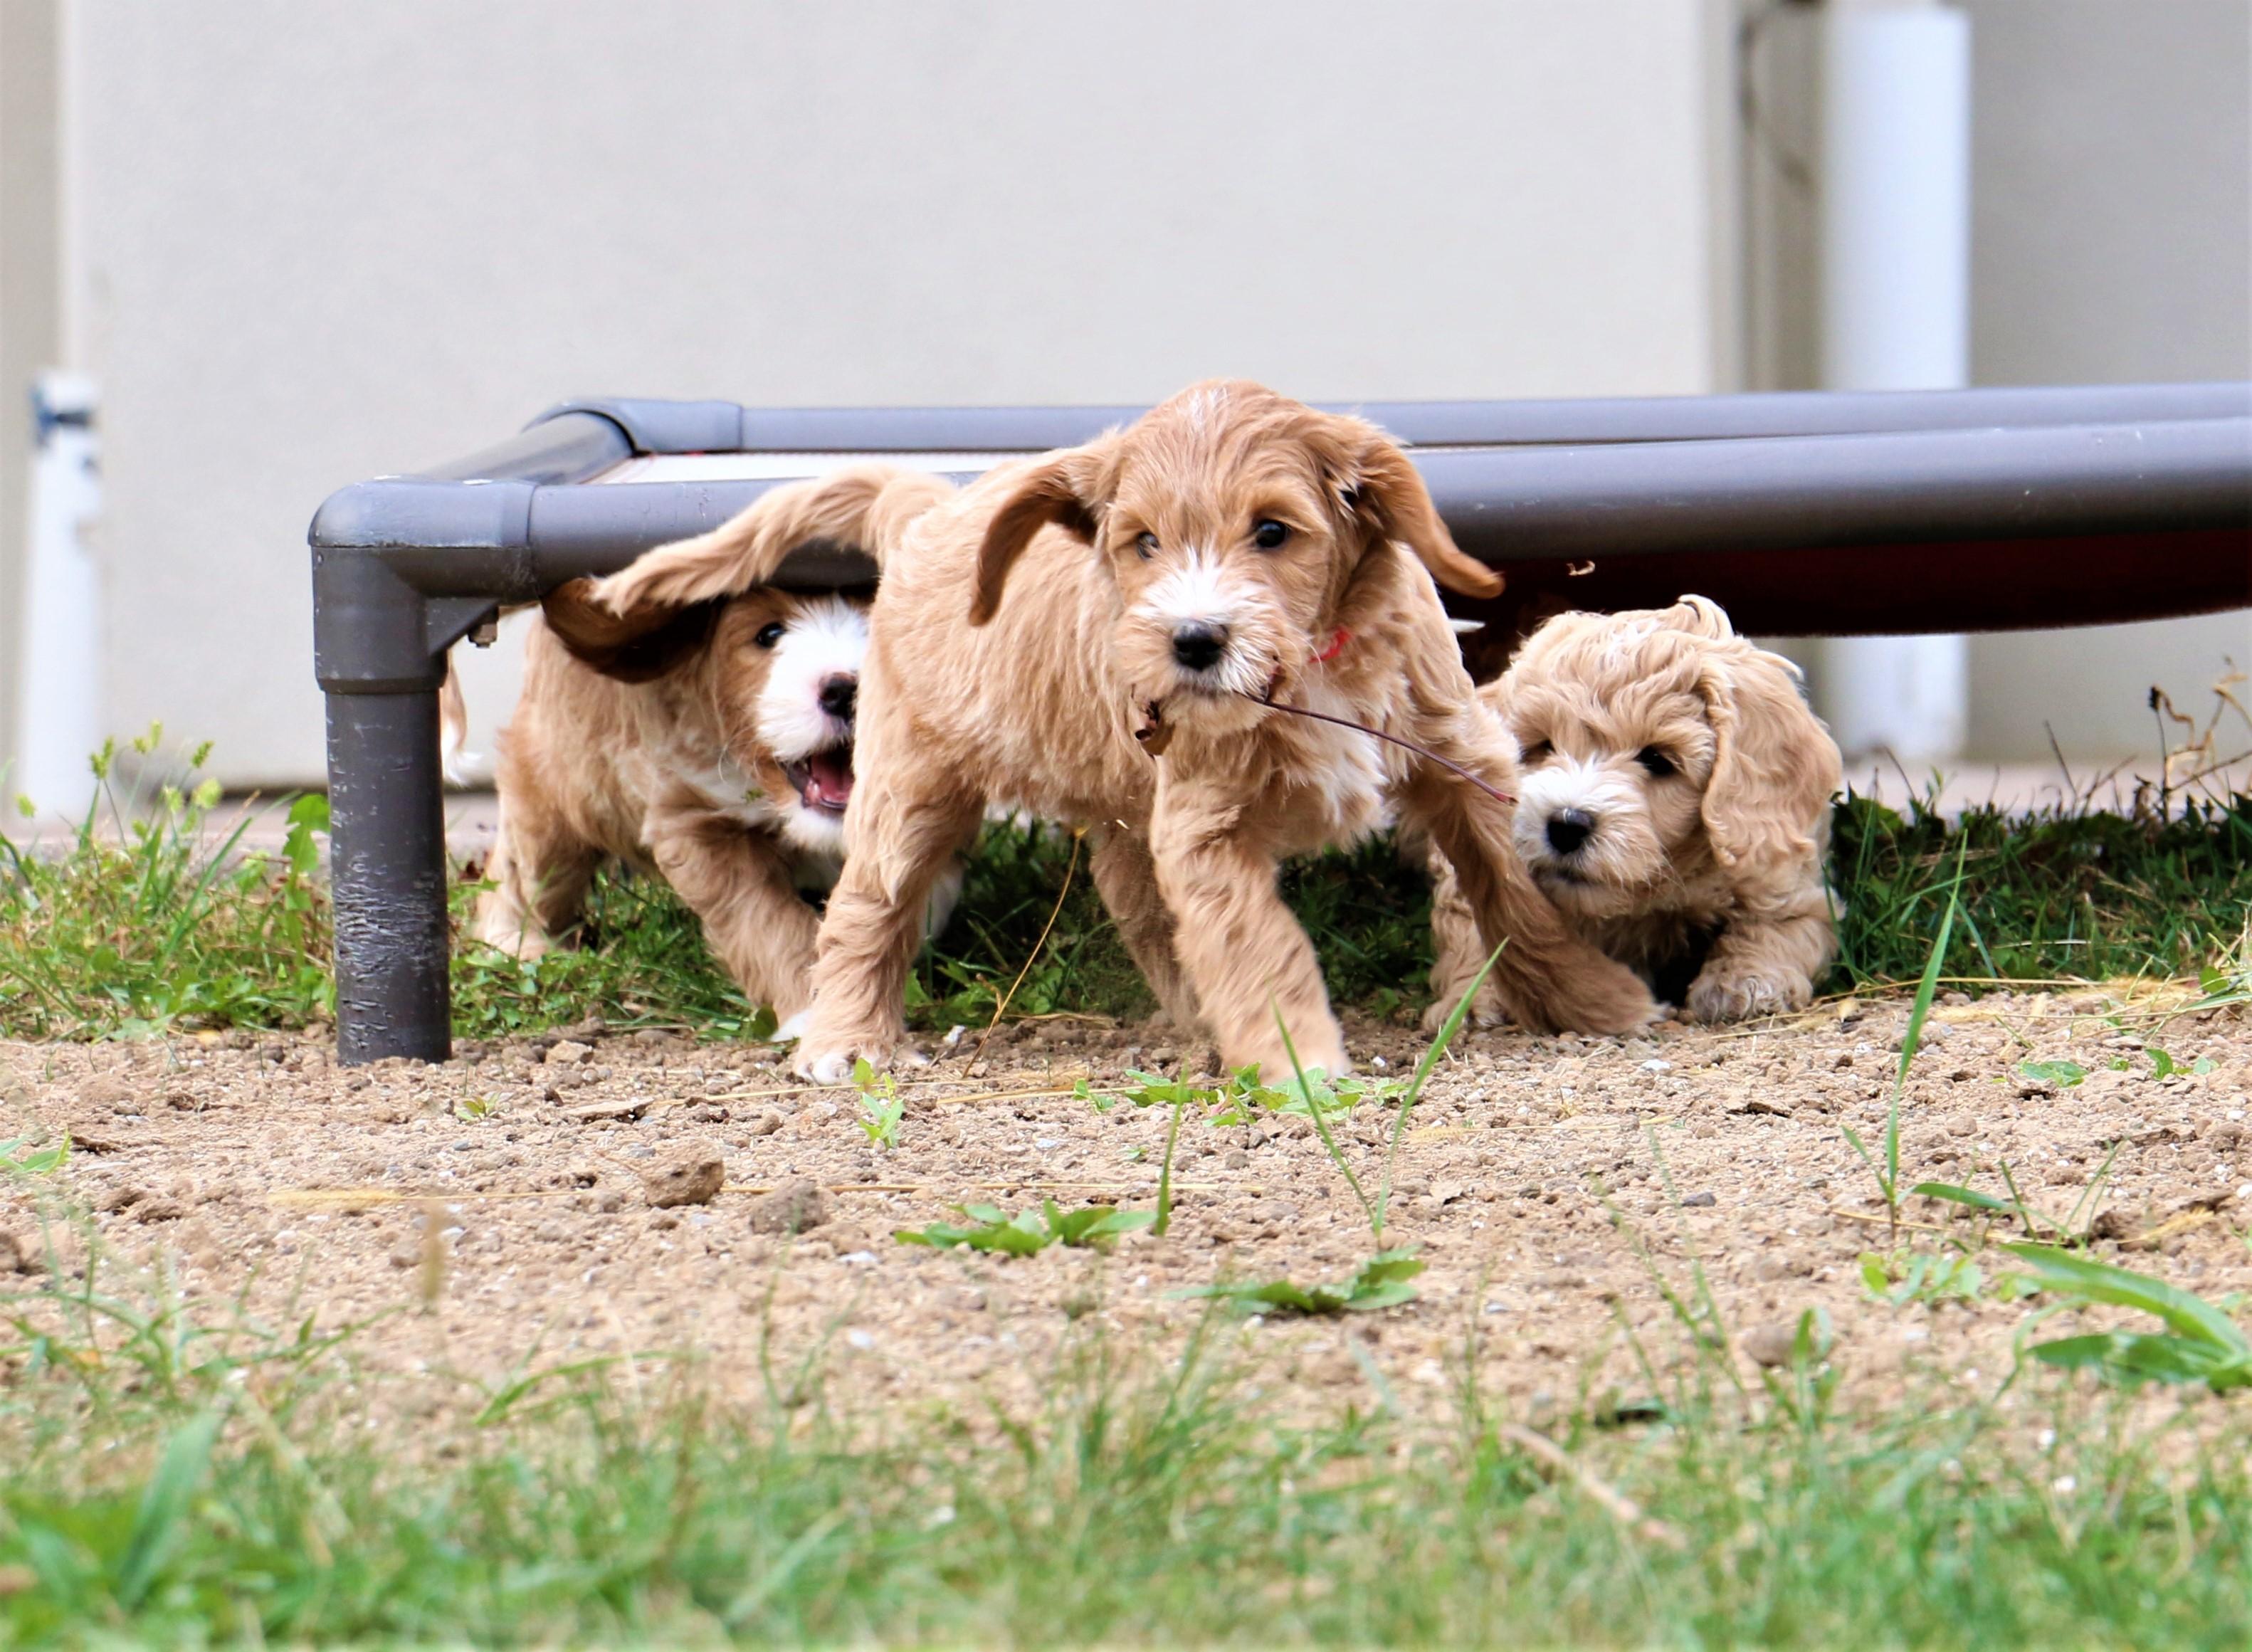 Wrigley, Teddy and Dolly